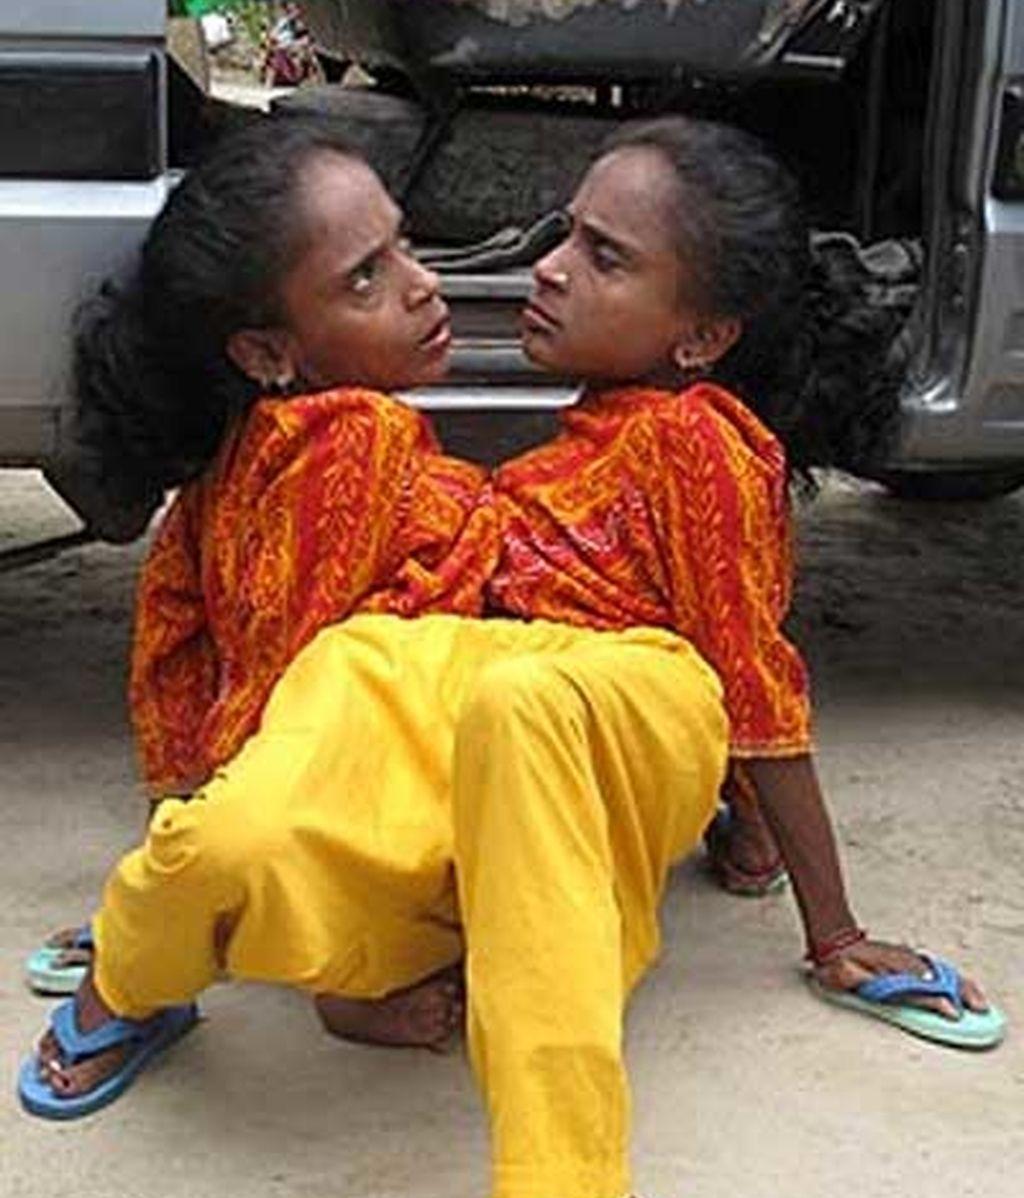 Las 'Hermanas Araña'